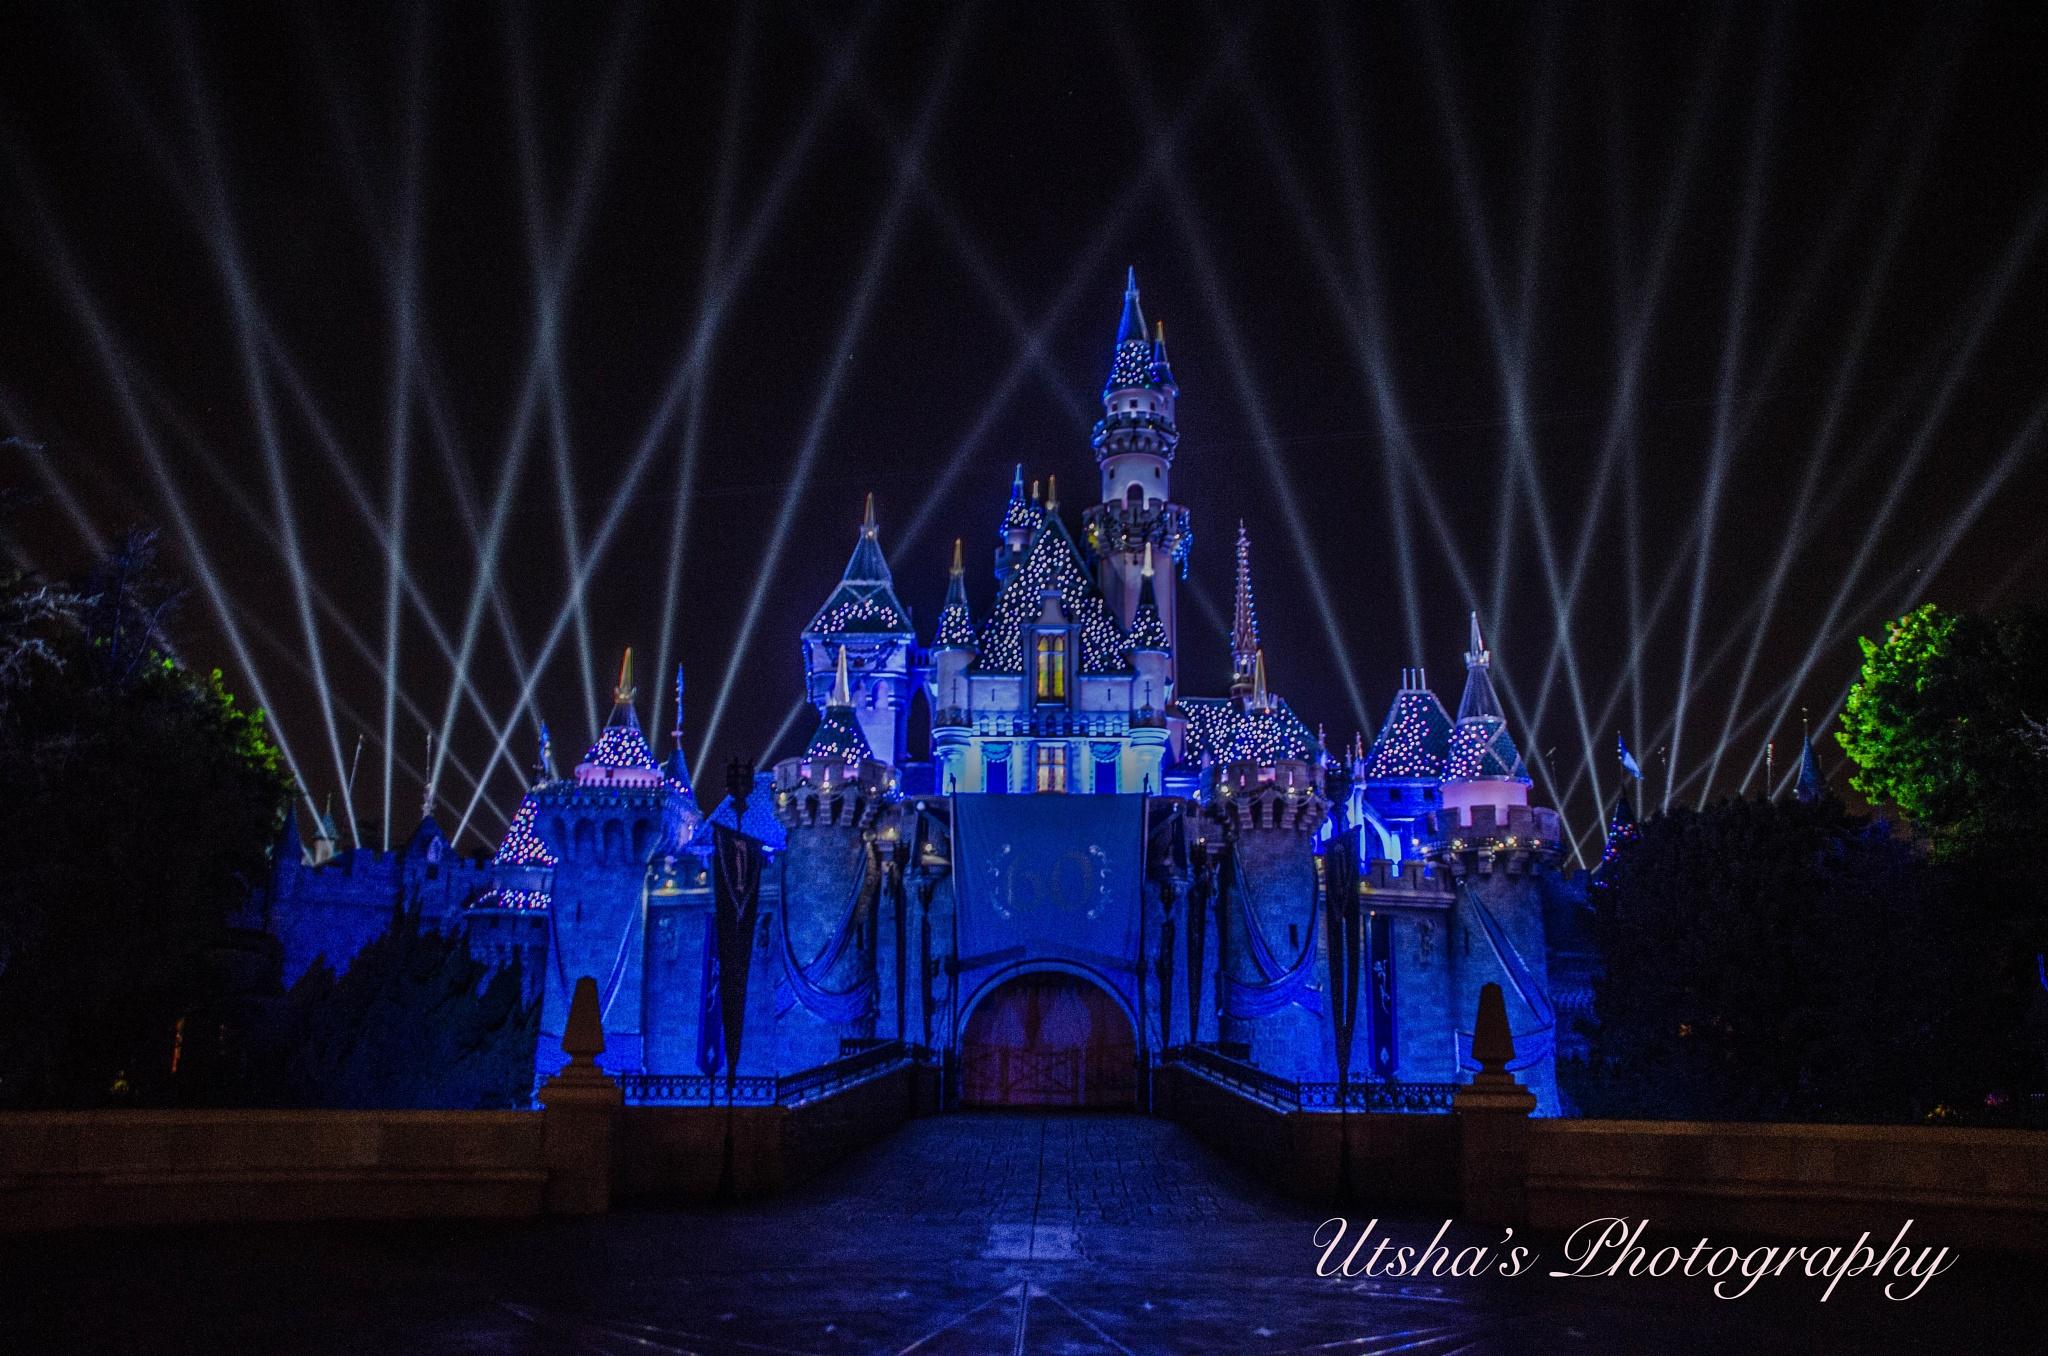 Disneyland Castle by Utsha Guha